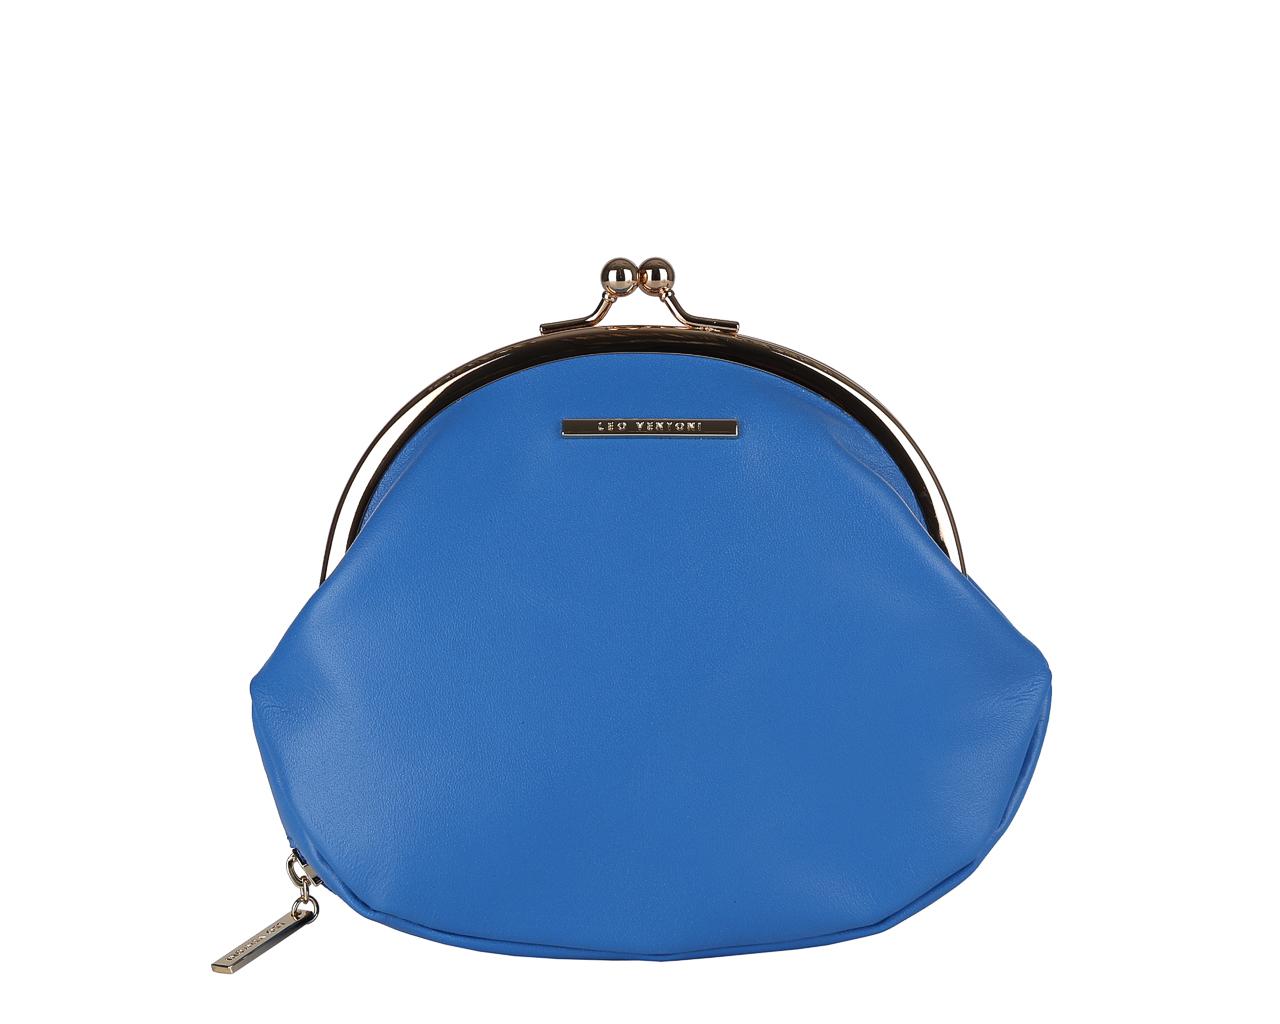 Кошелек женский Leo Ventoni, цвет: синий. L330768L330768 blueЭлегантный кошелек Leo Ventoni выполнен из натуральной кожи с зернистой фактурой и оформлен металлической фурнитурой с символикой бренда, внутренняя часть изделия выполнена из текстиля и натуральной кожи. Изделие закрывается на рамочный замок. Кошелек содержит одно вместительное отделение. Снаружи, в дне изделия, размещен врезной карман, внутри которого расположена цепочка с кольцом для ключей. Изделие поставляется в фирменной упаковке. Стильный кошелек Leo Ventoni станет отличным подарком для человека, ценящего качественные и практичные вещи.